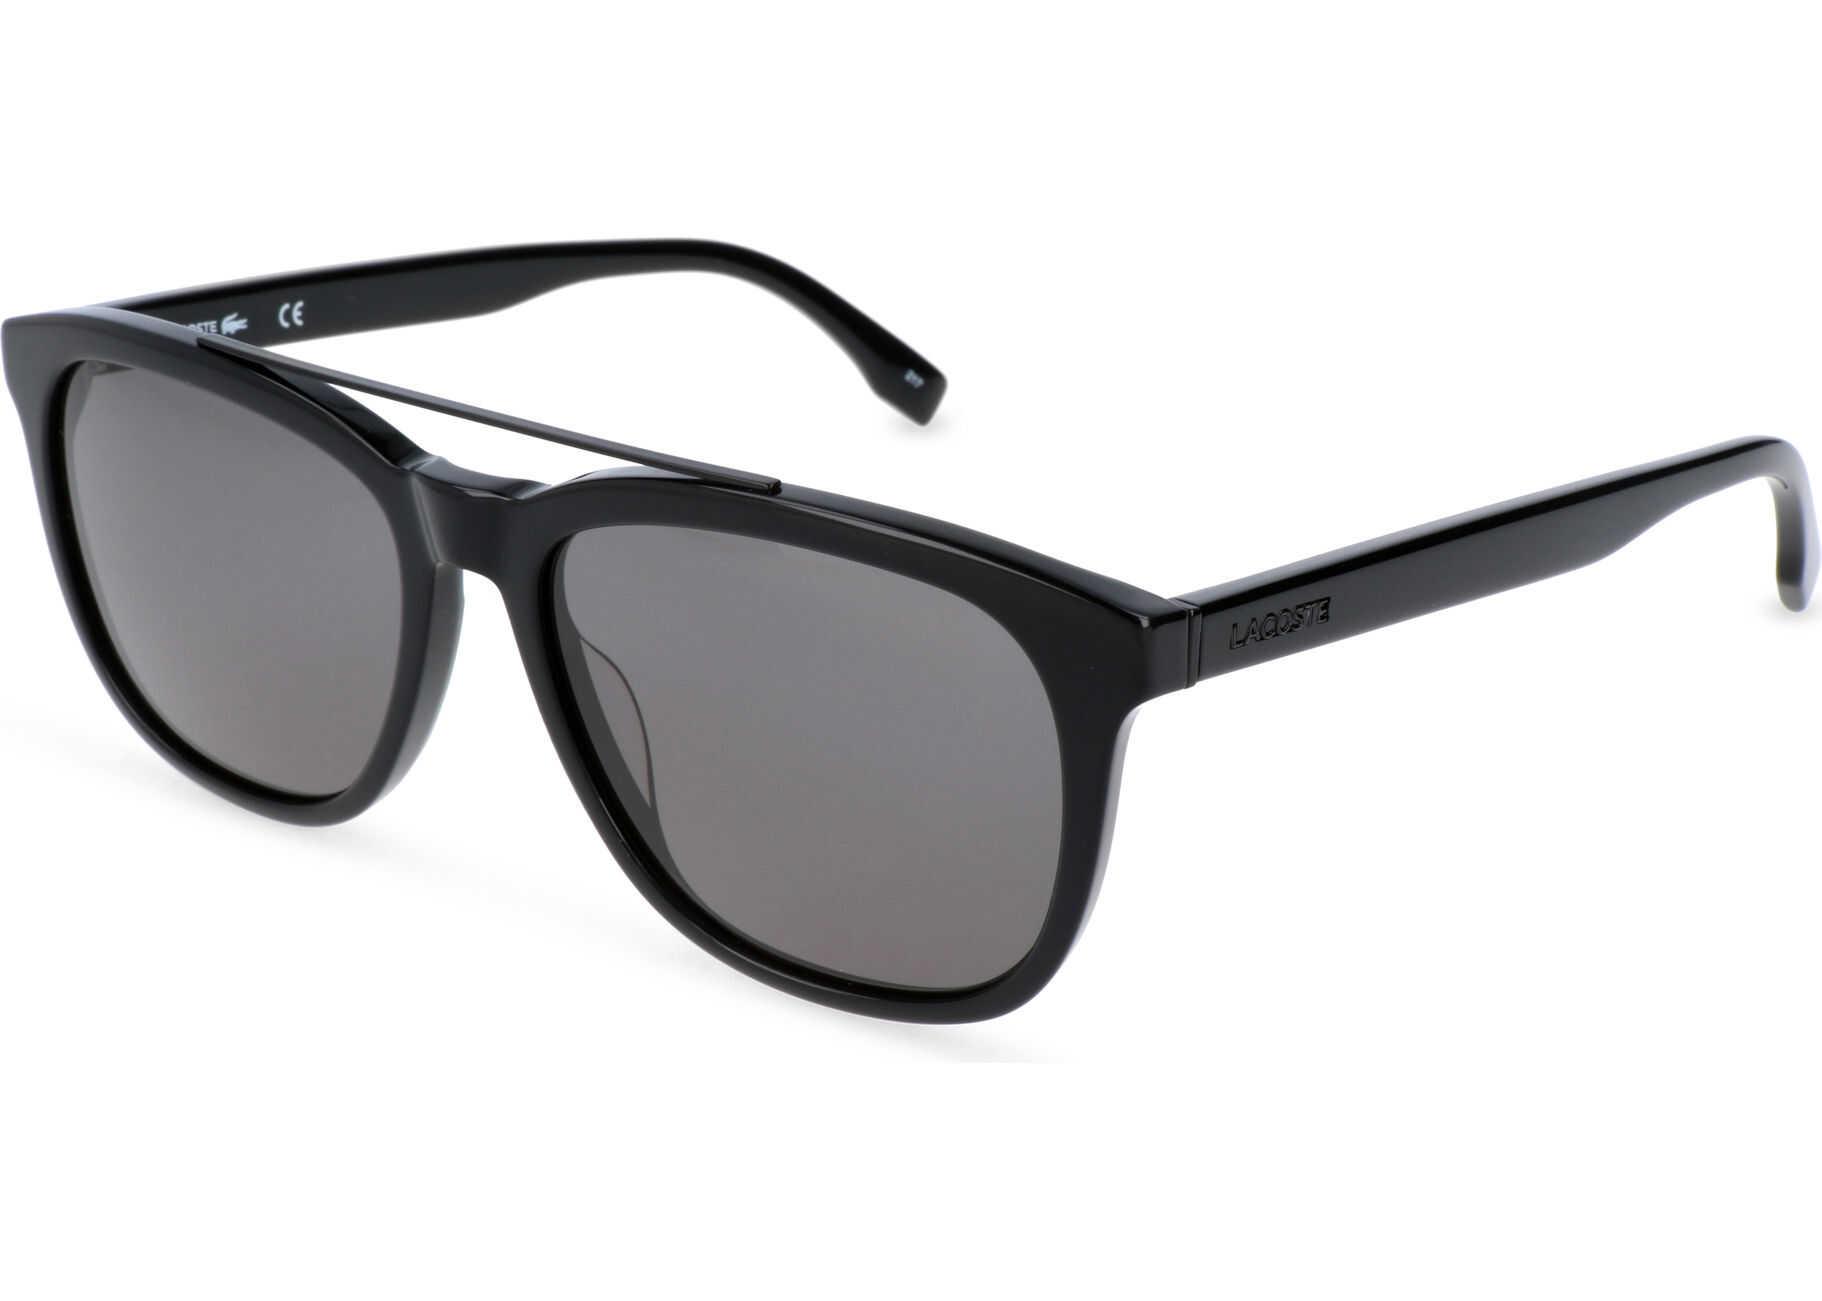 Lacoste L822S Black